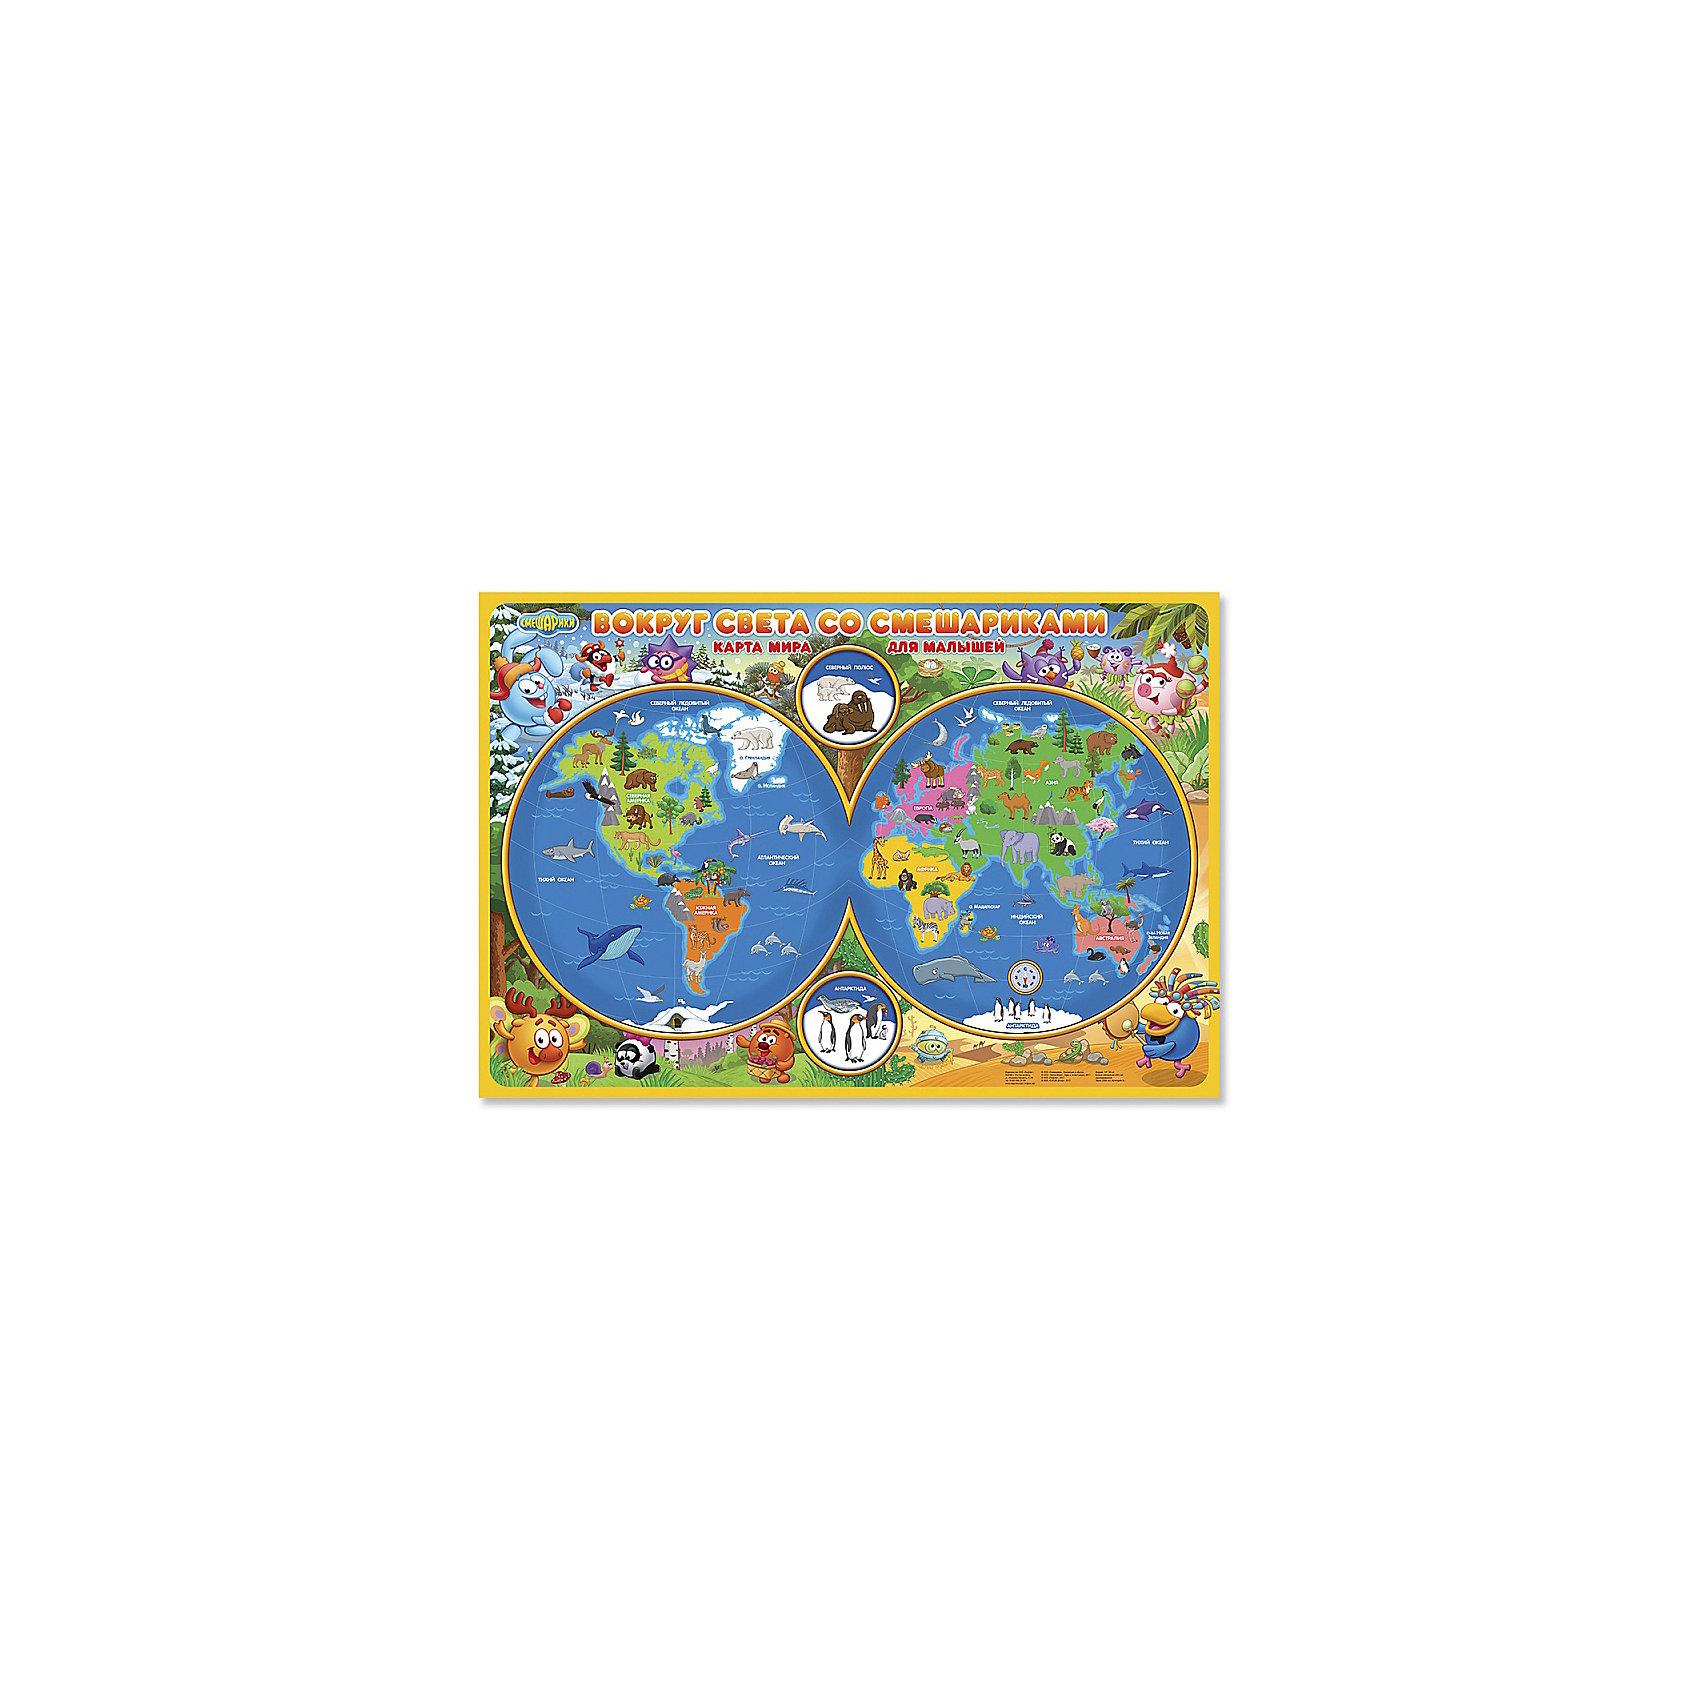 Карта мира для малышей Вокруг света со СмешарикамиПлакаты и карты<br>Специально для таких маленьких мечтателей, любопытных исследователей, дружелюбных малышей, как Бараш, Крош, Нюша и Пин, мы создали эту настенную карту со Смешариками, чтобы привлечь внимание деток и в лёгкой мультипликационной форме познакомить с окружающим миром, огромными материками, глубокими океанами и самыми разными животными.<br><br>Ширина мм: 730<br>Глубина мм: 40<br>Высота мм: 40<br>Вес г: 157<br>Возраст от месяцев: 72<br>Возраст до месяцев: 2147483647<br>Пол: Унисекс<br>Возраст: Детский<br>SKU: 5518197